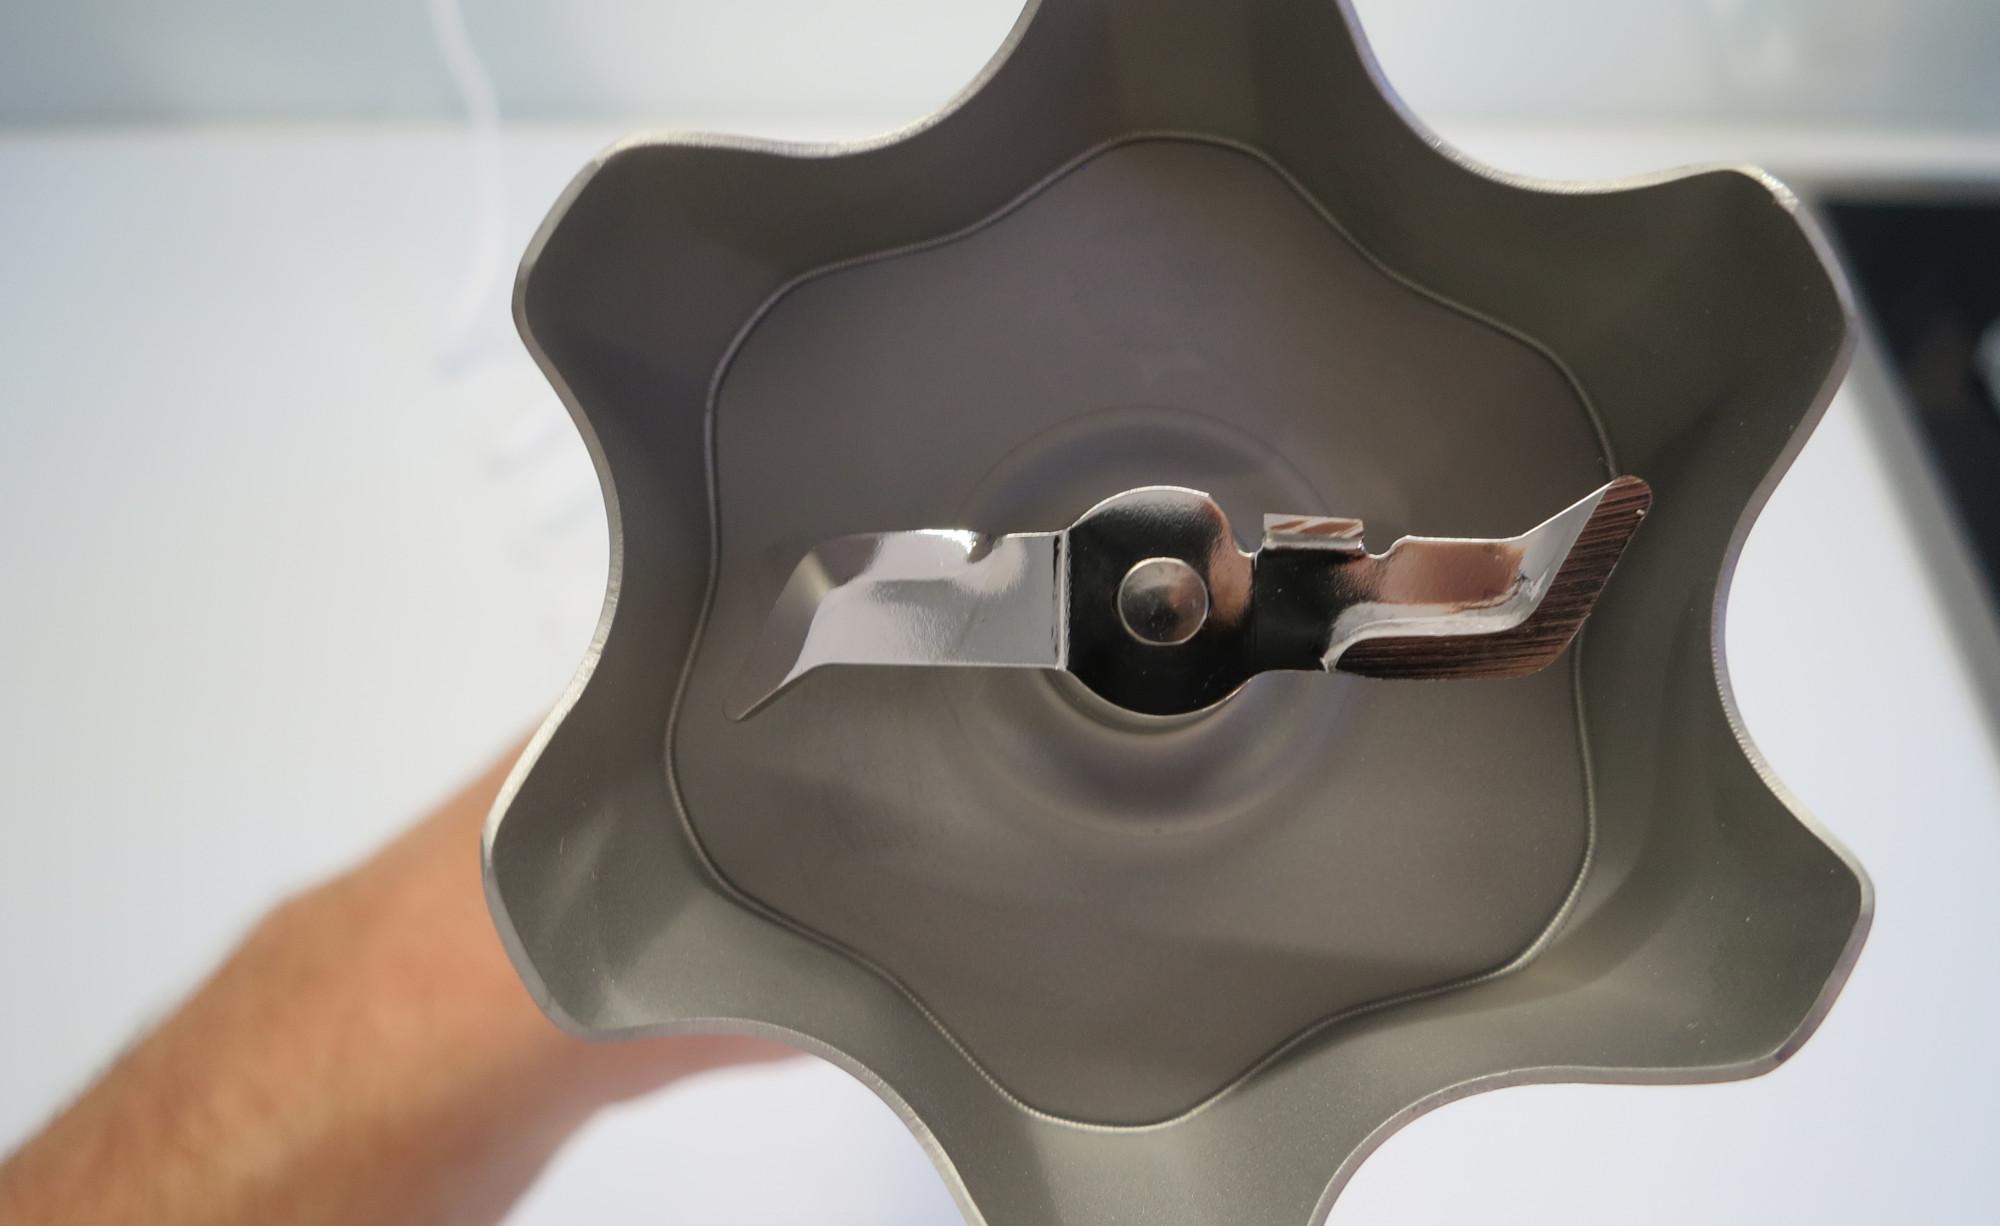 Spiralschneider Braun MultiQuick 5 Vario Fit MQ 5060 mit Extra-Messerklinge